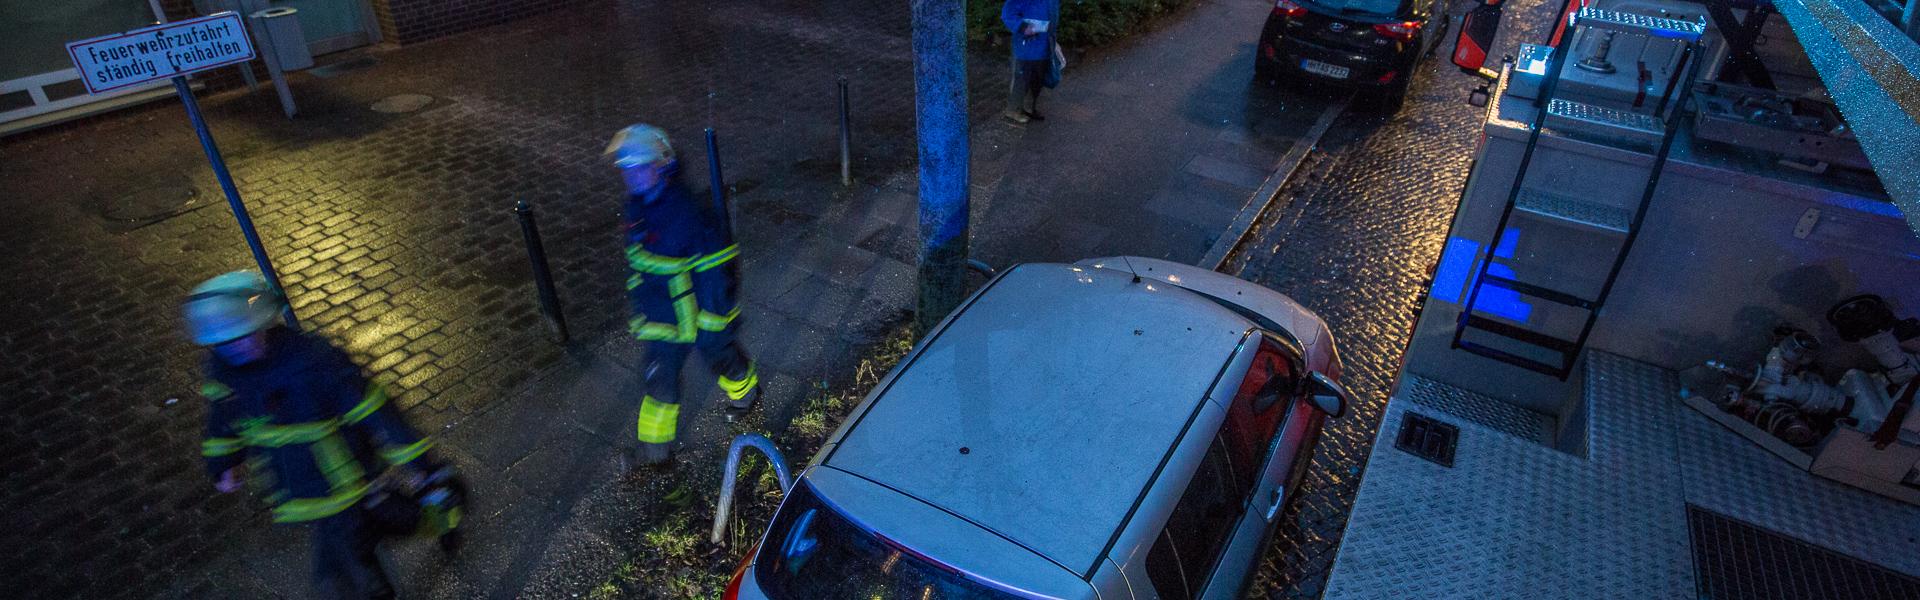 28.03.2018 – Platz für Retter – Feuerwehr und Polizei auf Revierfahrt